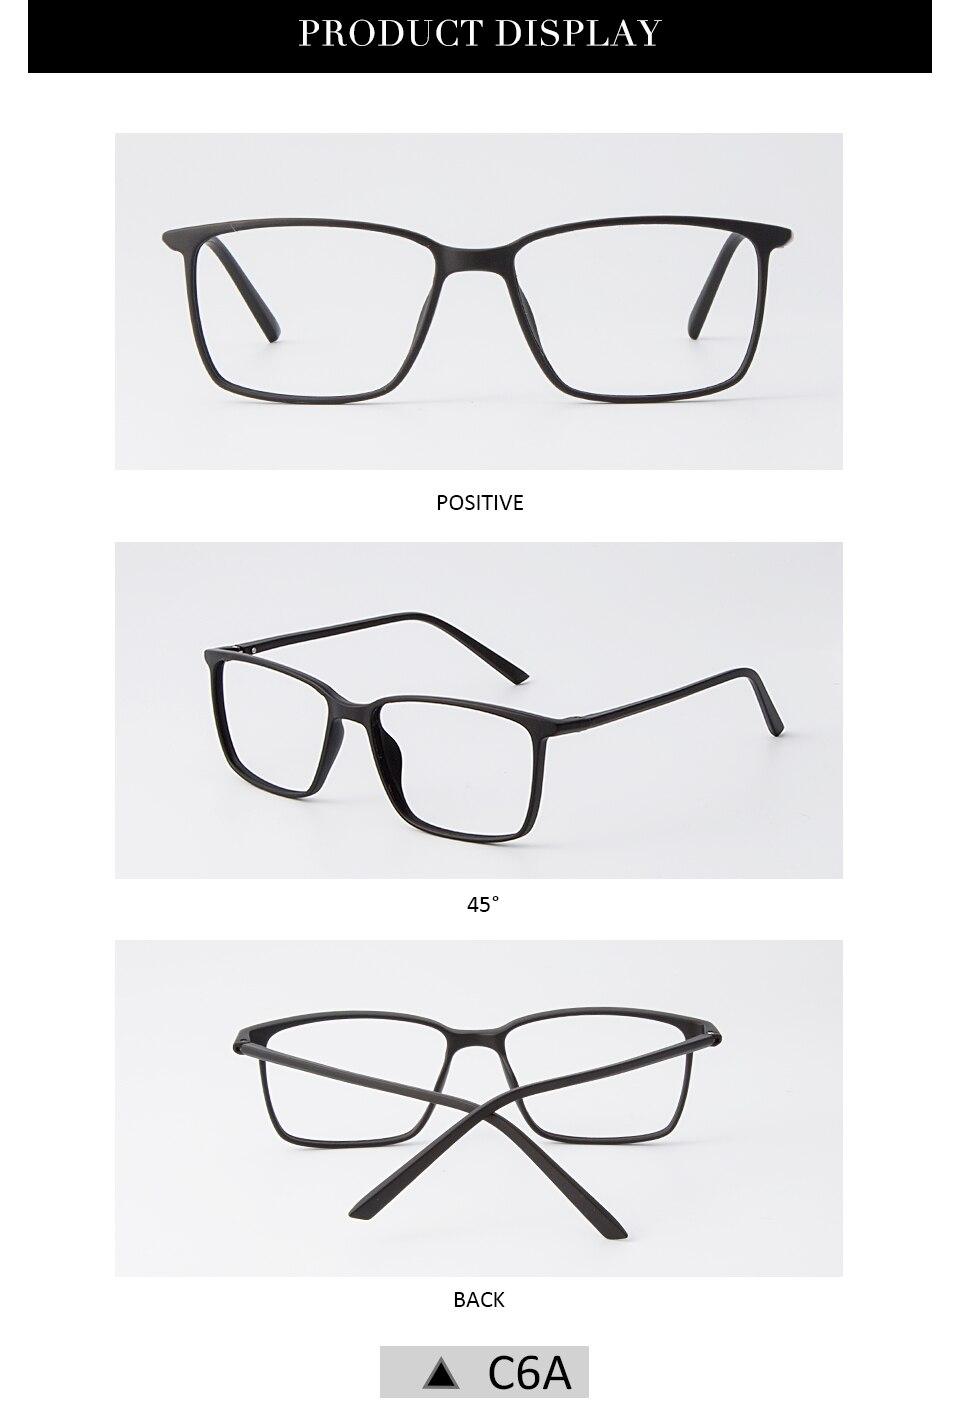 39e6adfb13 FEIDA Brand eyeglasses frames men TR90 eyeglasses Ultra-Light Frames  Reading Glasses spectacle frames for men women YX0163